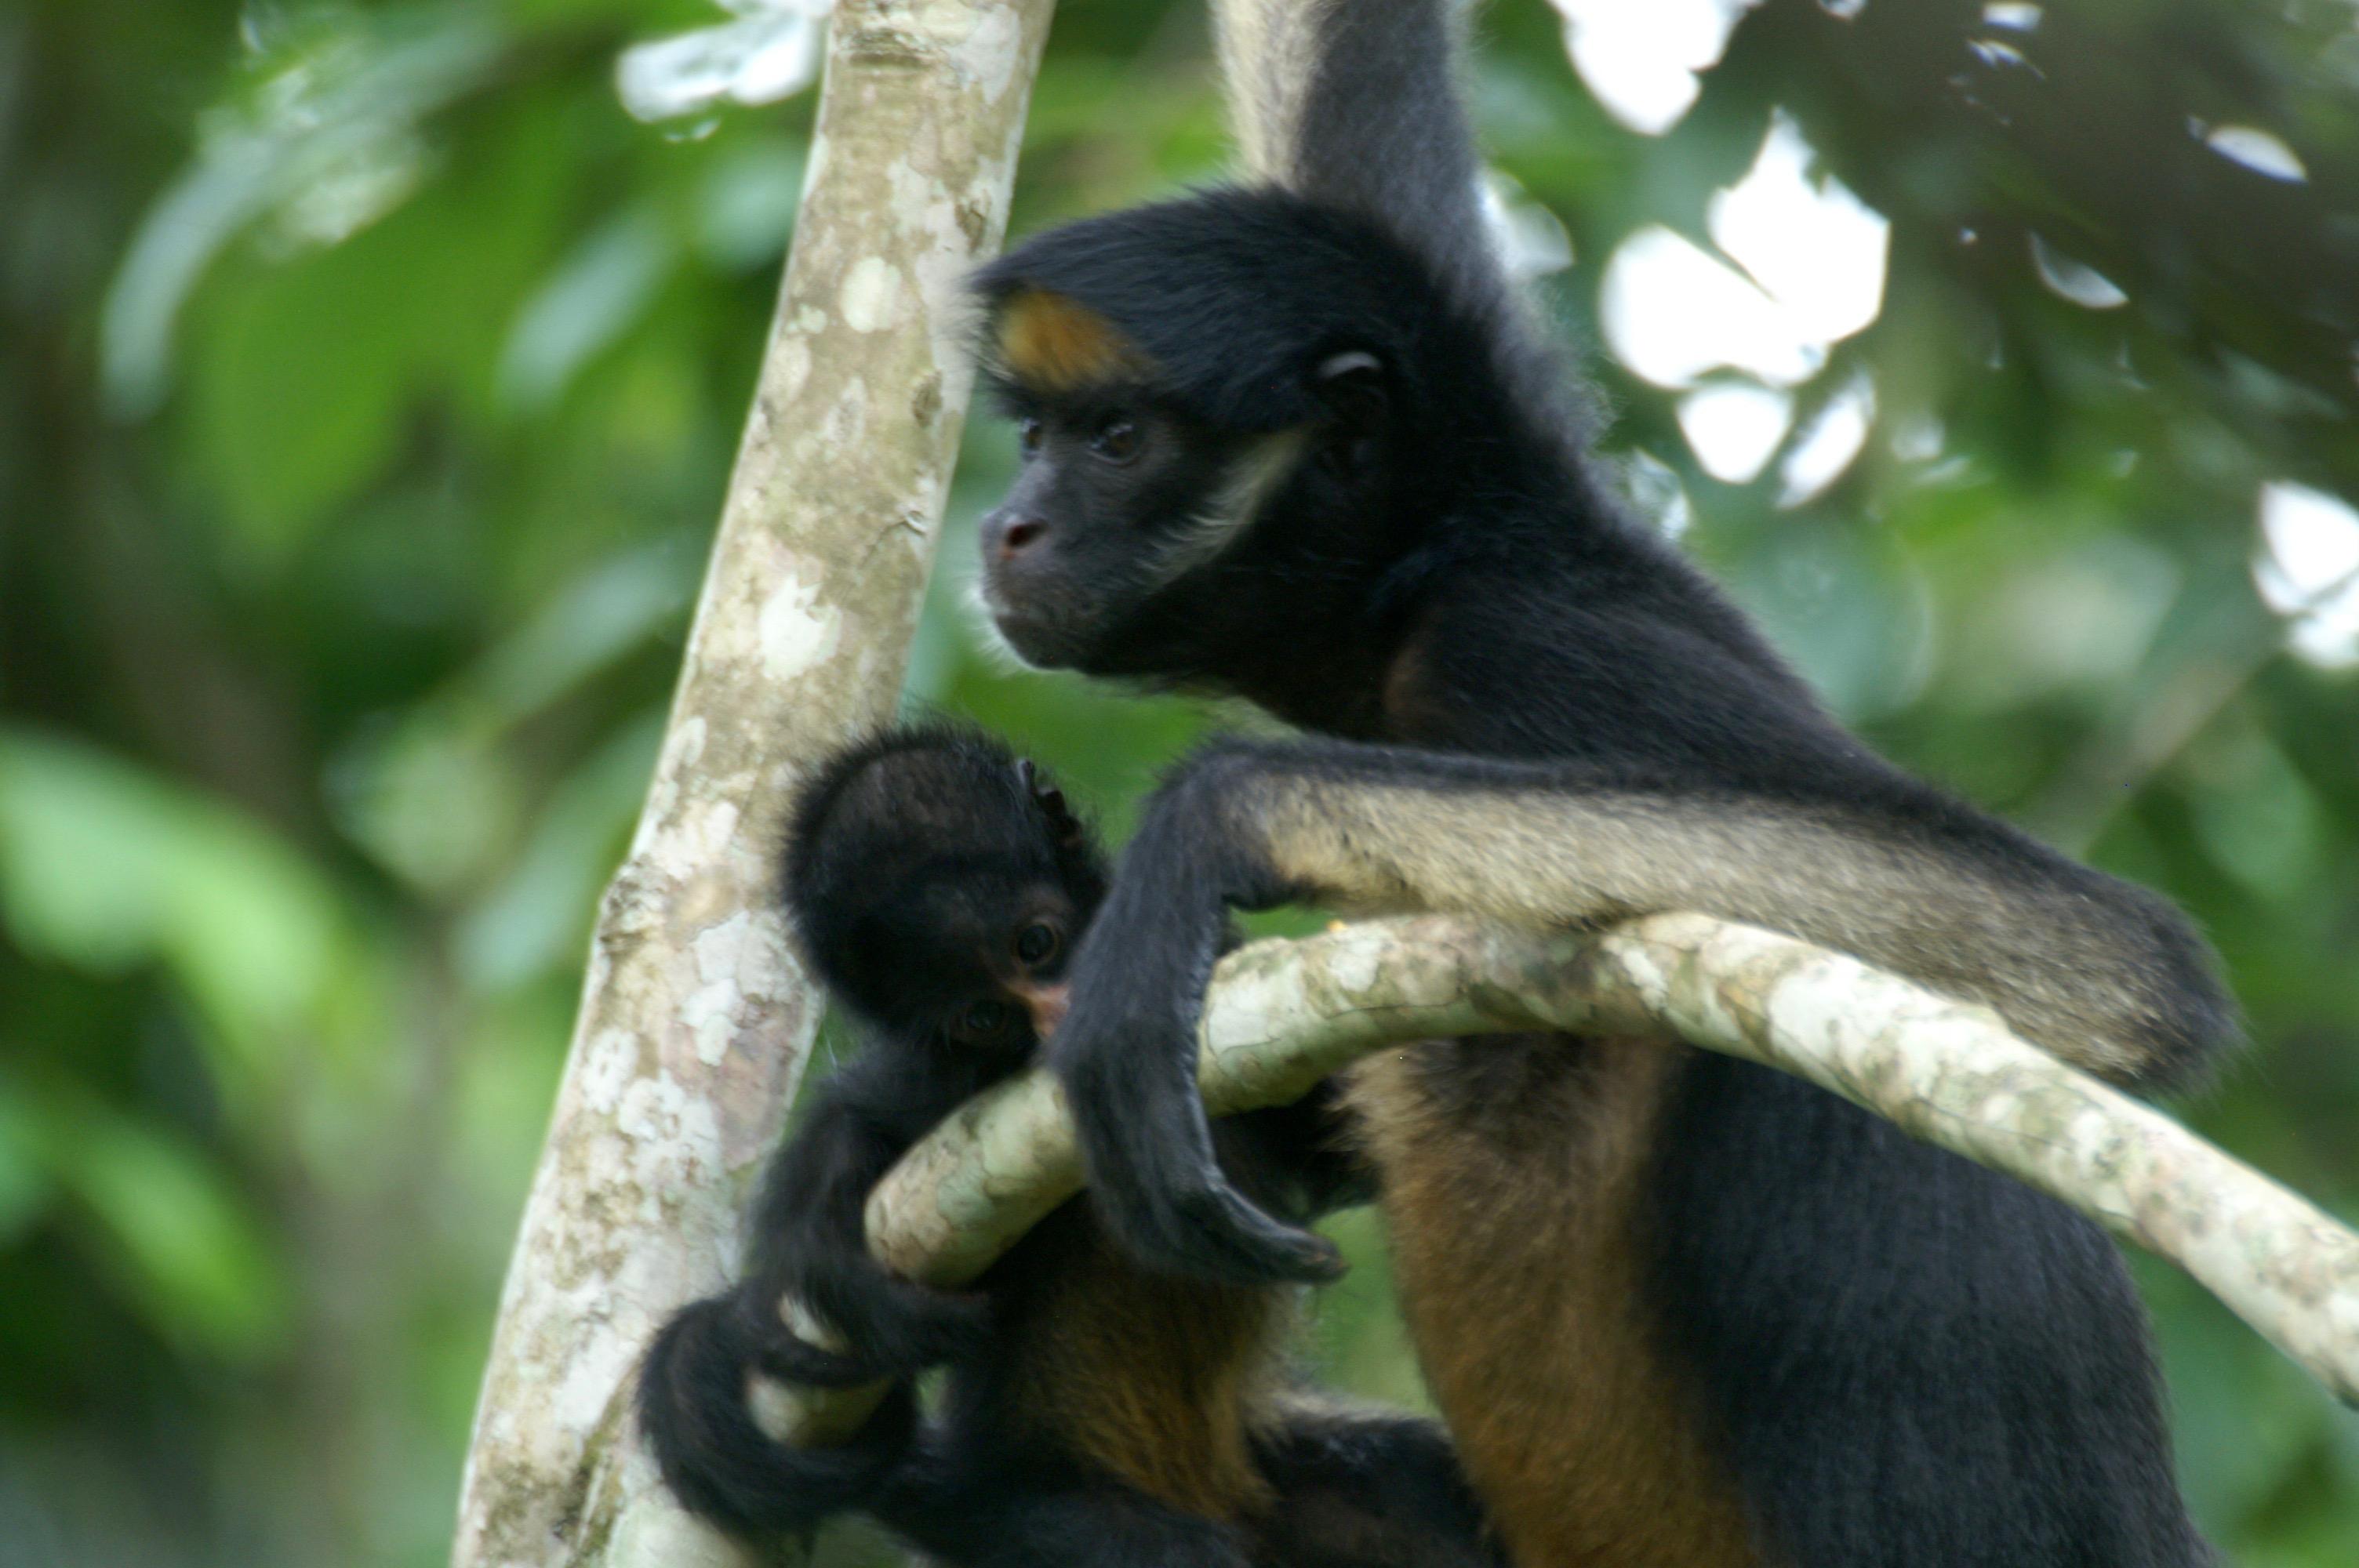 Soutenez le refuge pour animaux sauvages d'Equateur AmaZOOnico !